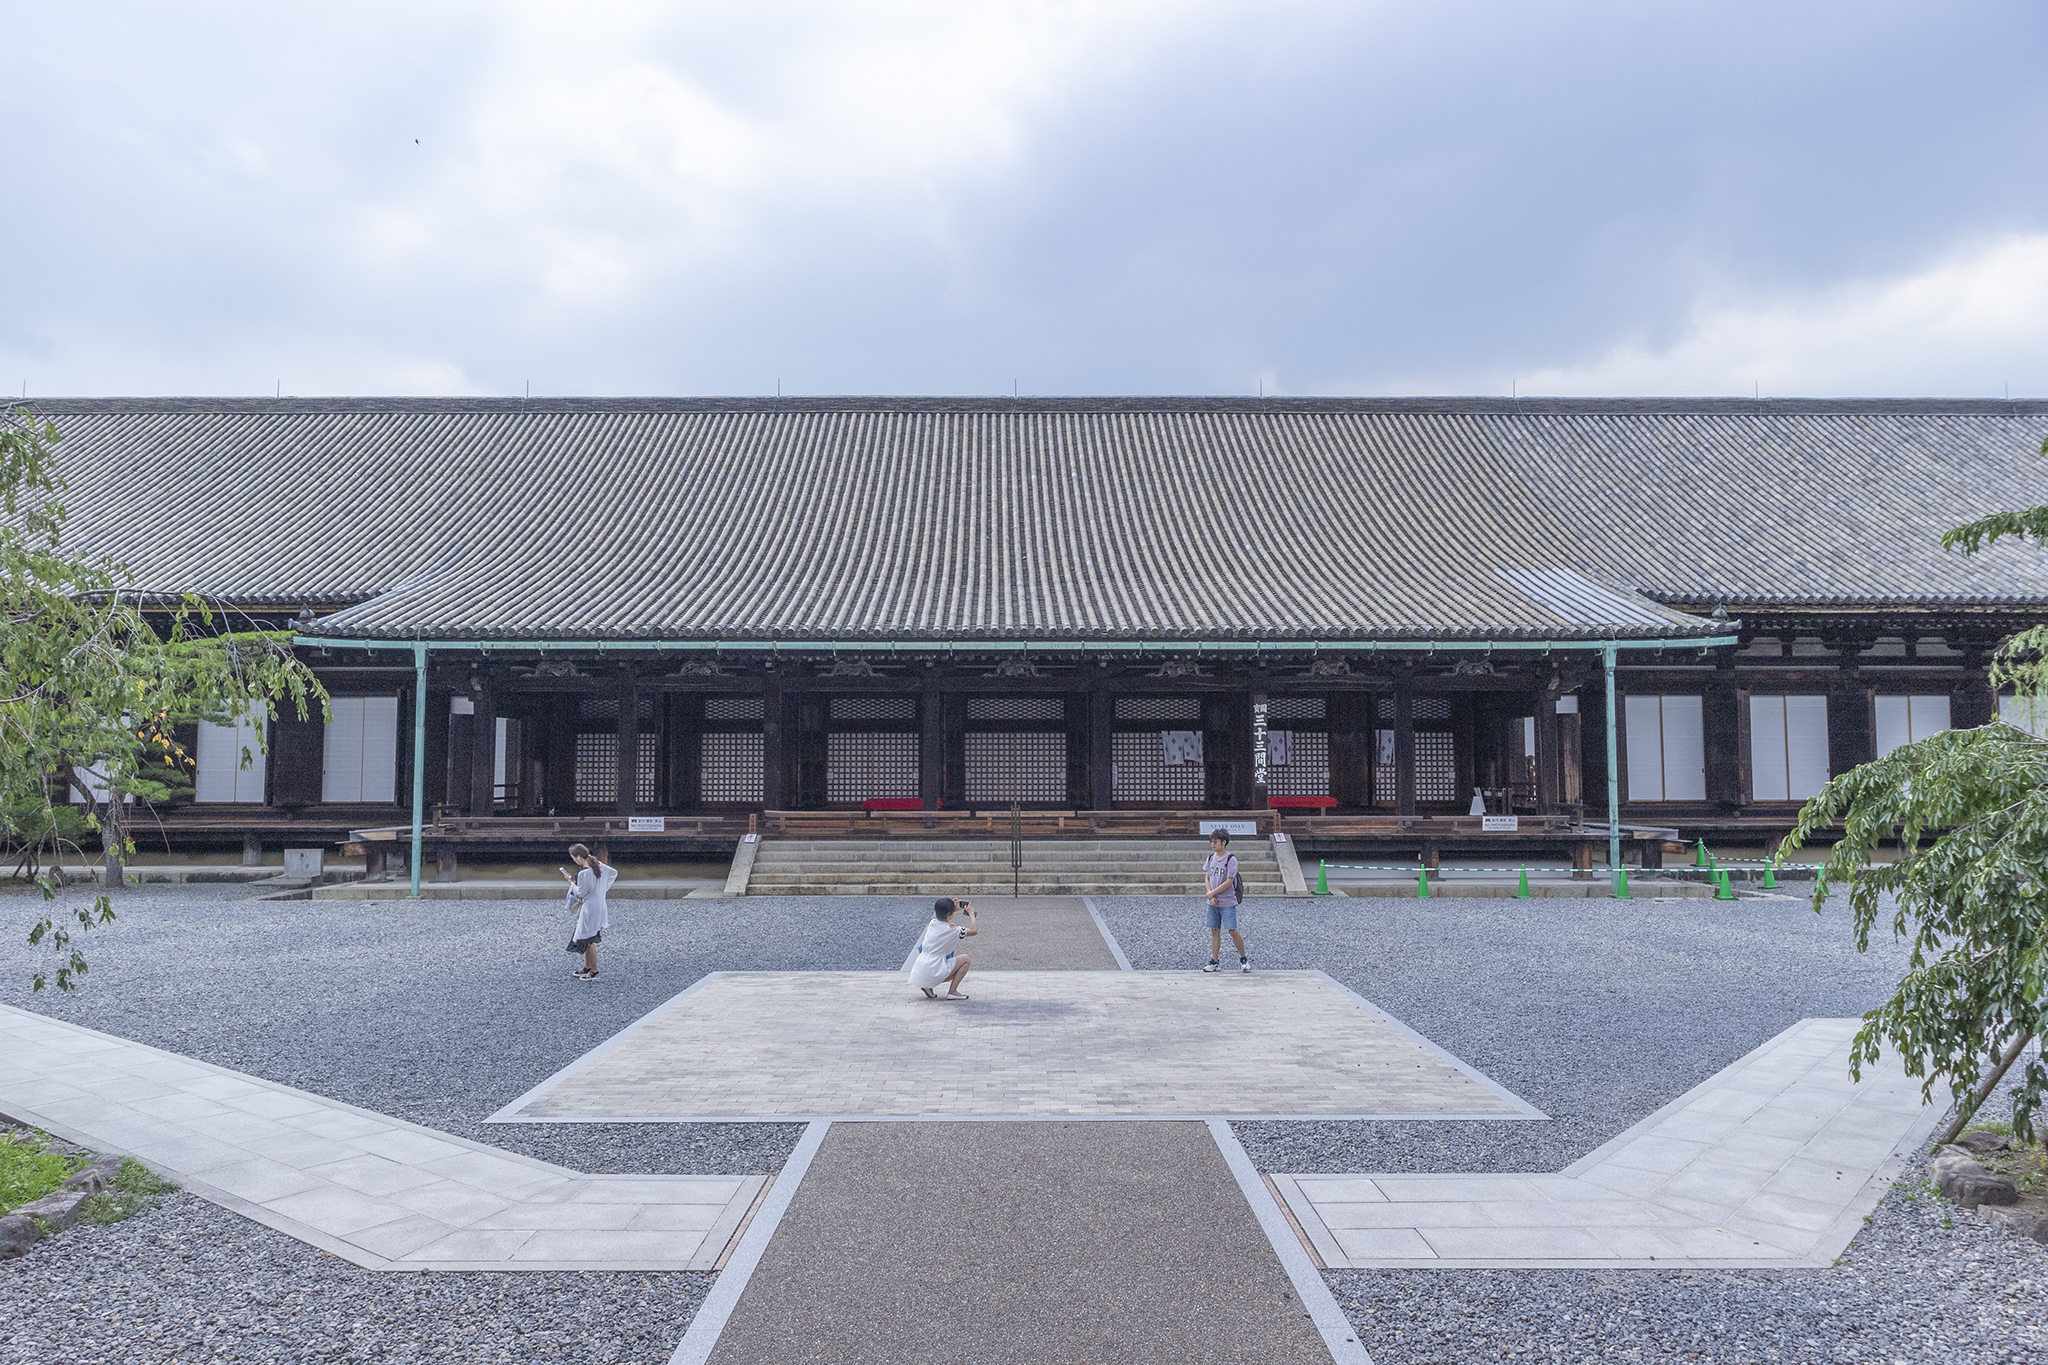 蓮華王院「三十三間堂」の木像1032体に感動!